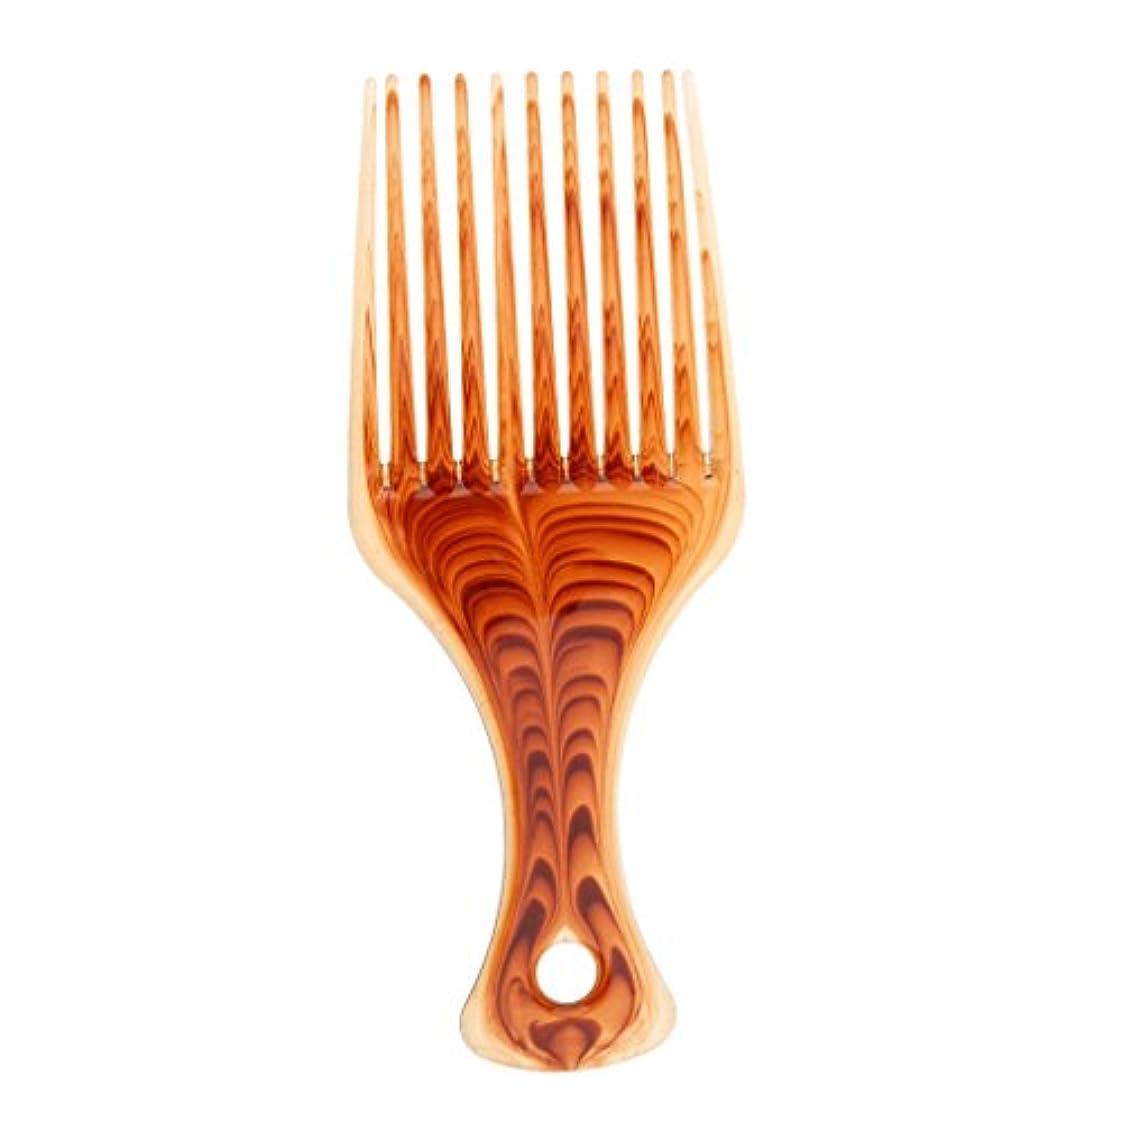 フルーティー呼吸するバスルームヘアブラシ ヘアコーム くし プラスチック製 アフロ 髪の櫛 持ち上げ ヘアブラシ